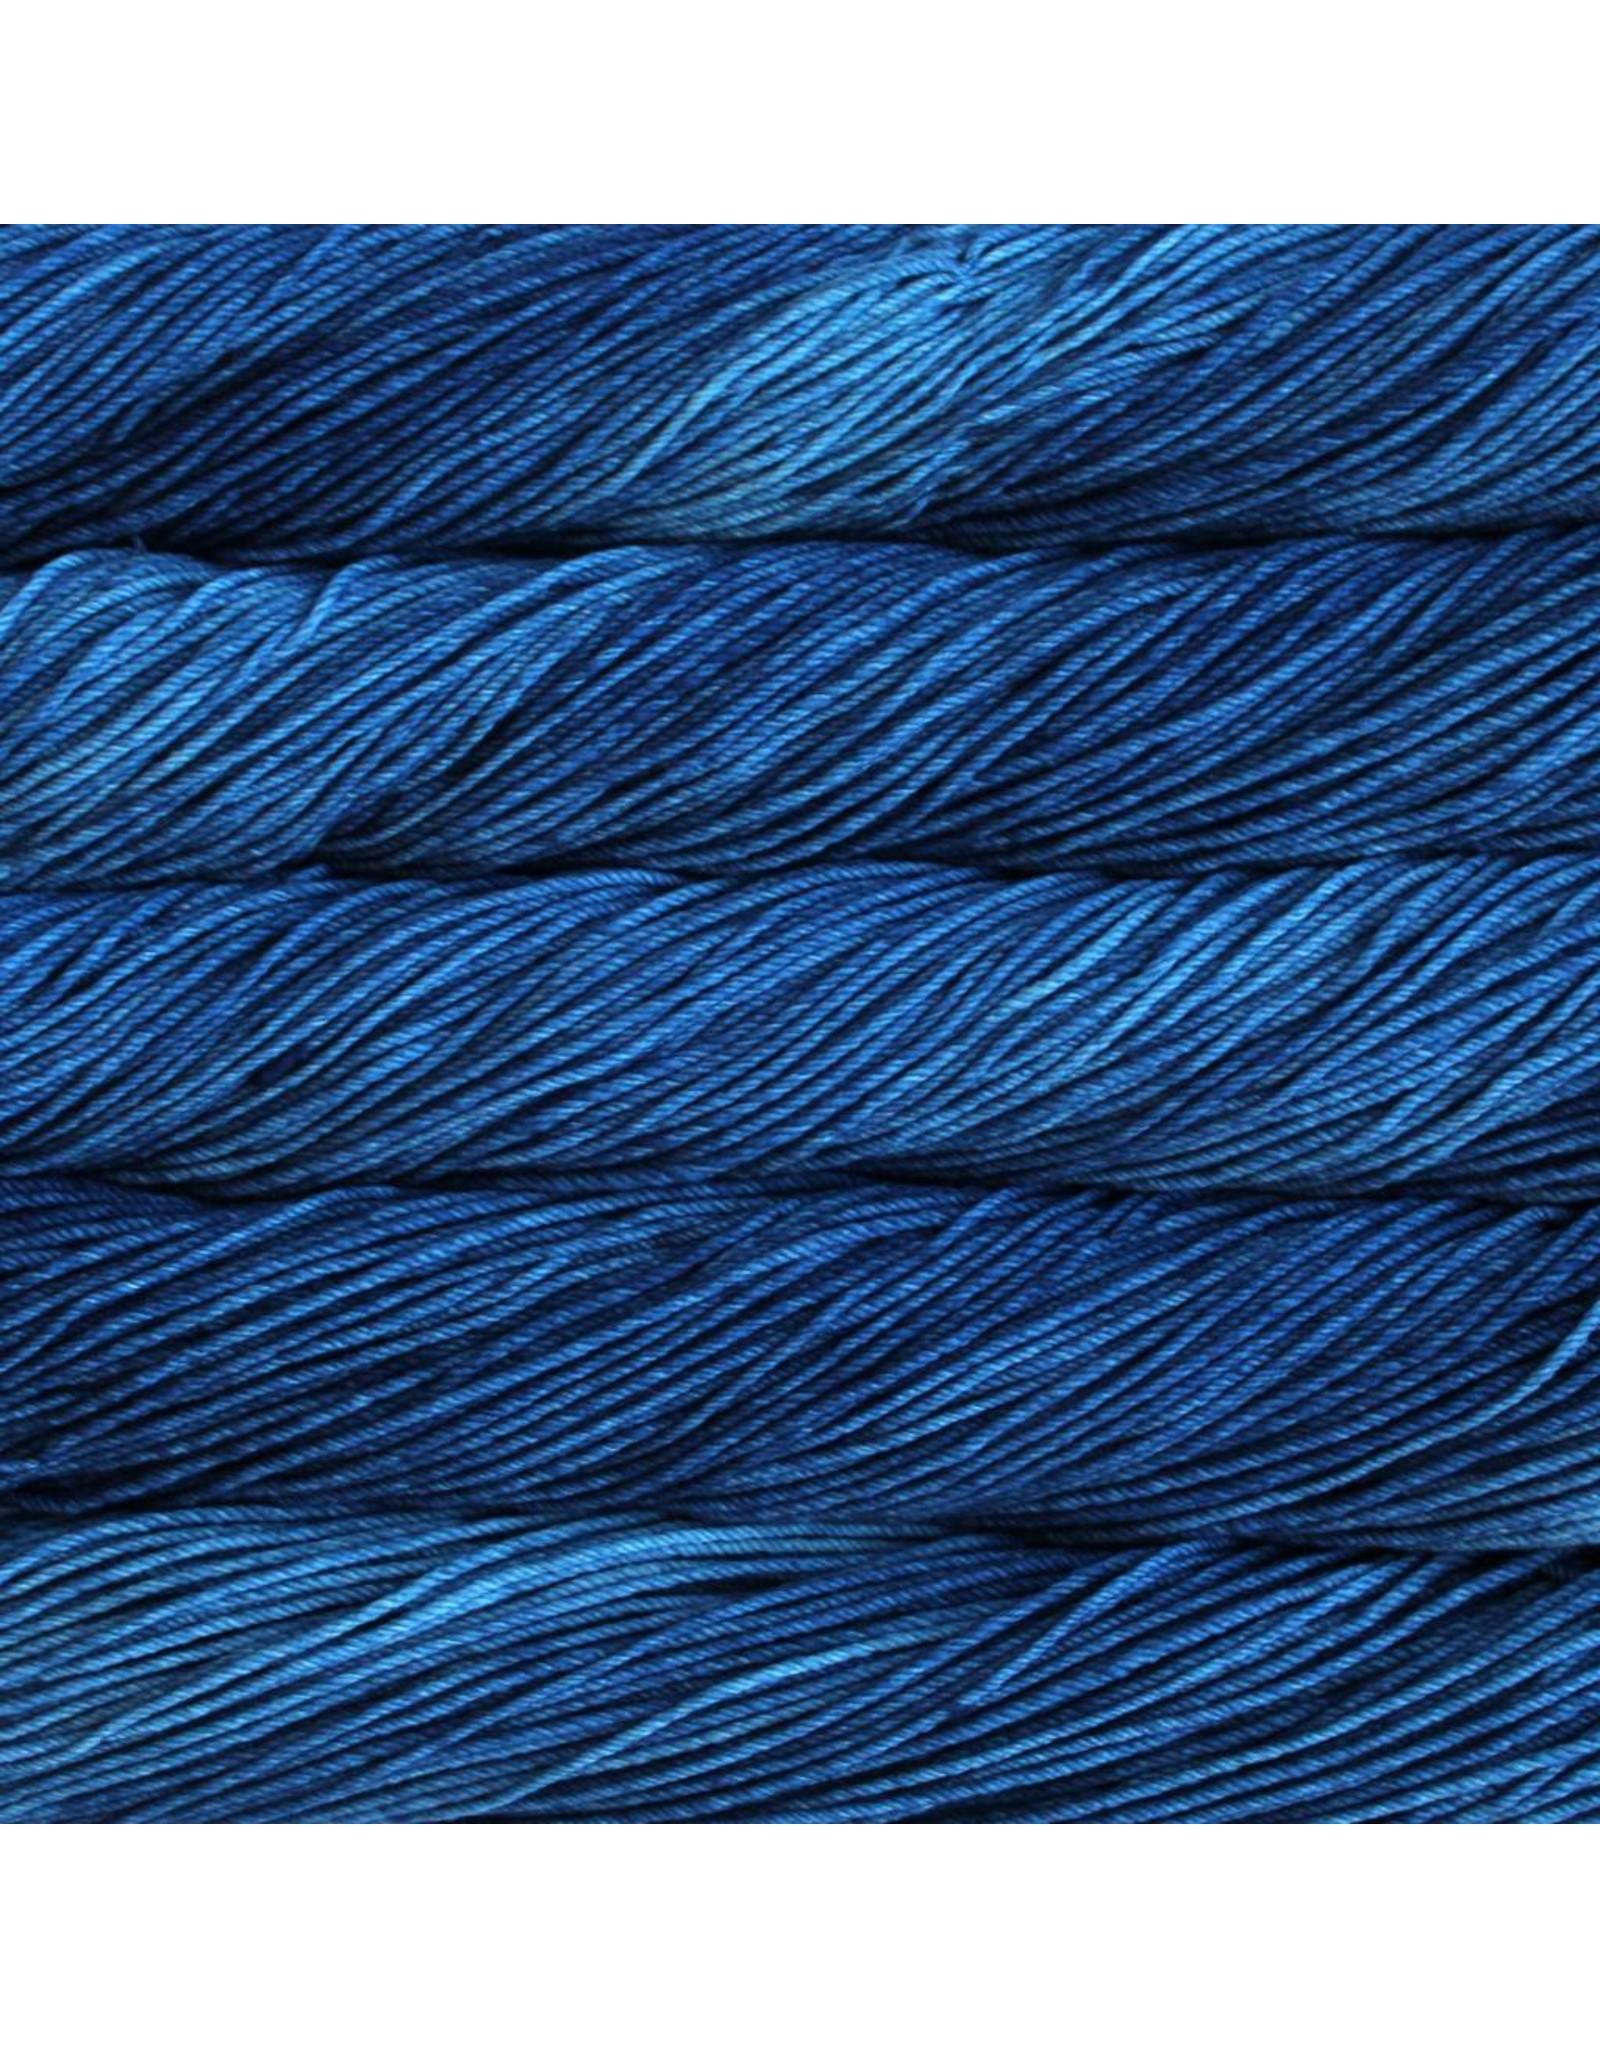 Malabrigo Blue Jean - Rios - Malabrigo